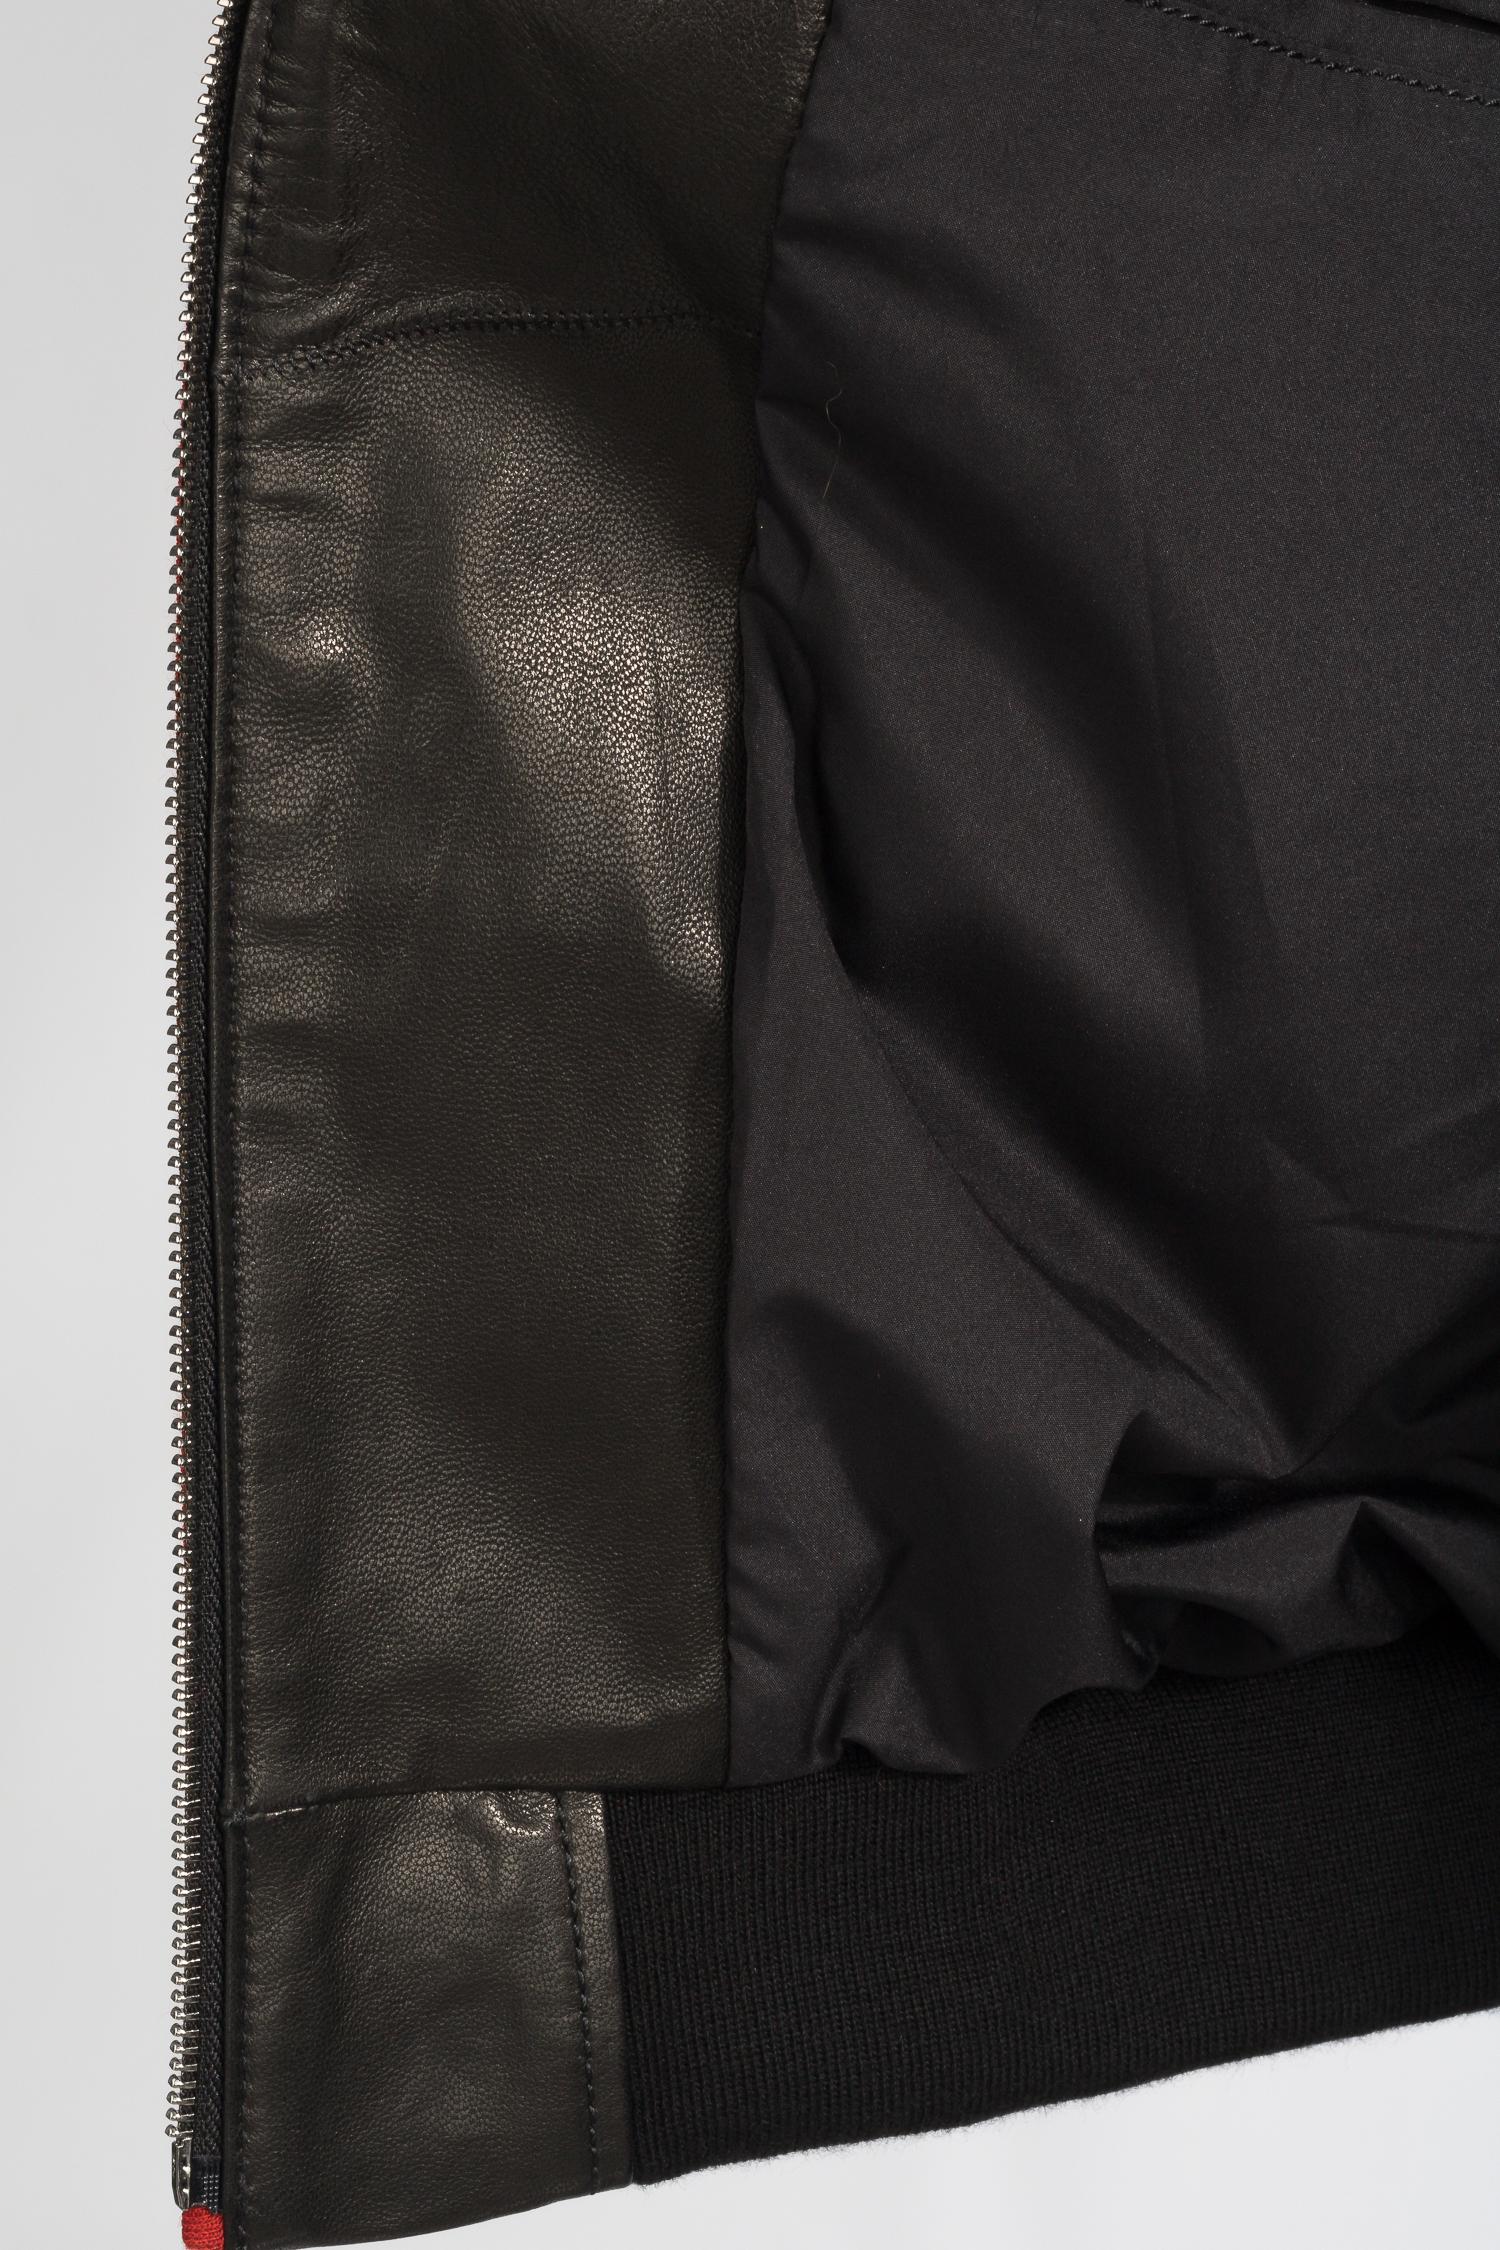 Мужская кожаная куртка из натуральной кожи с капюшоном, отделка трикотаж